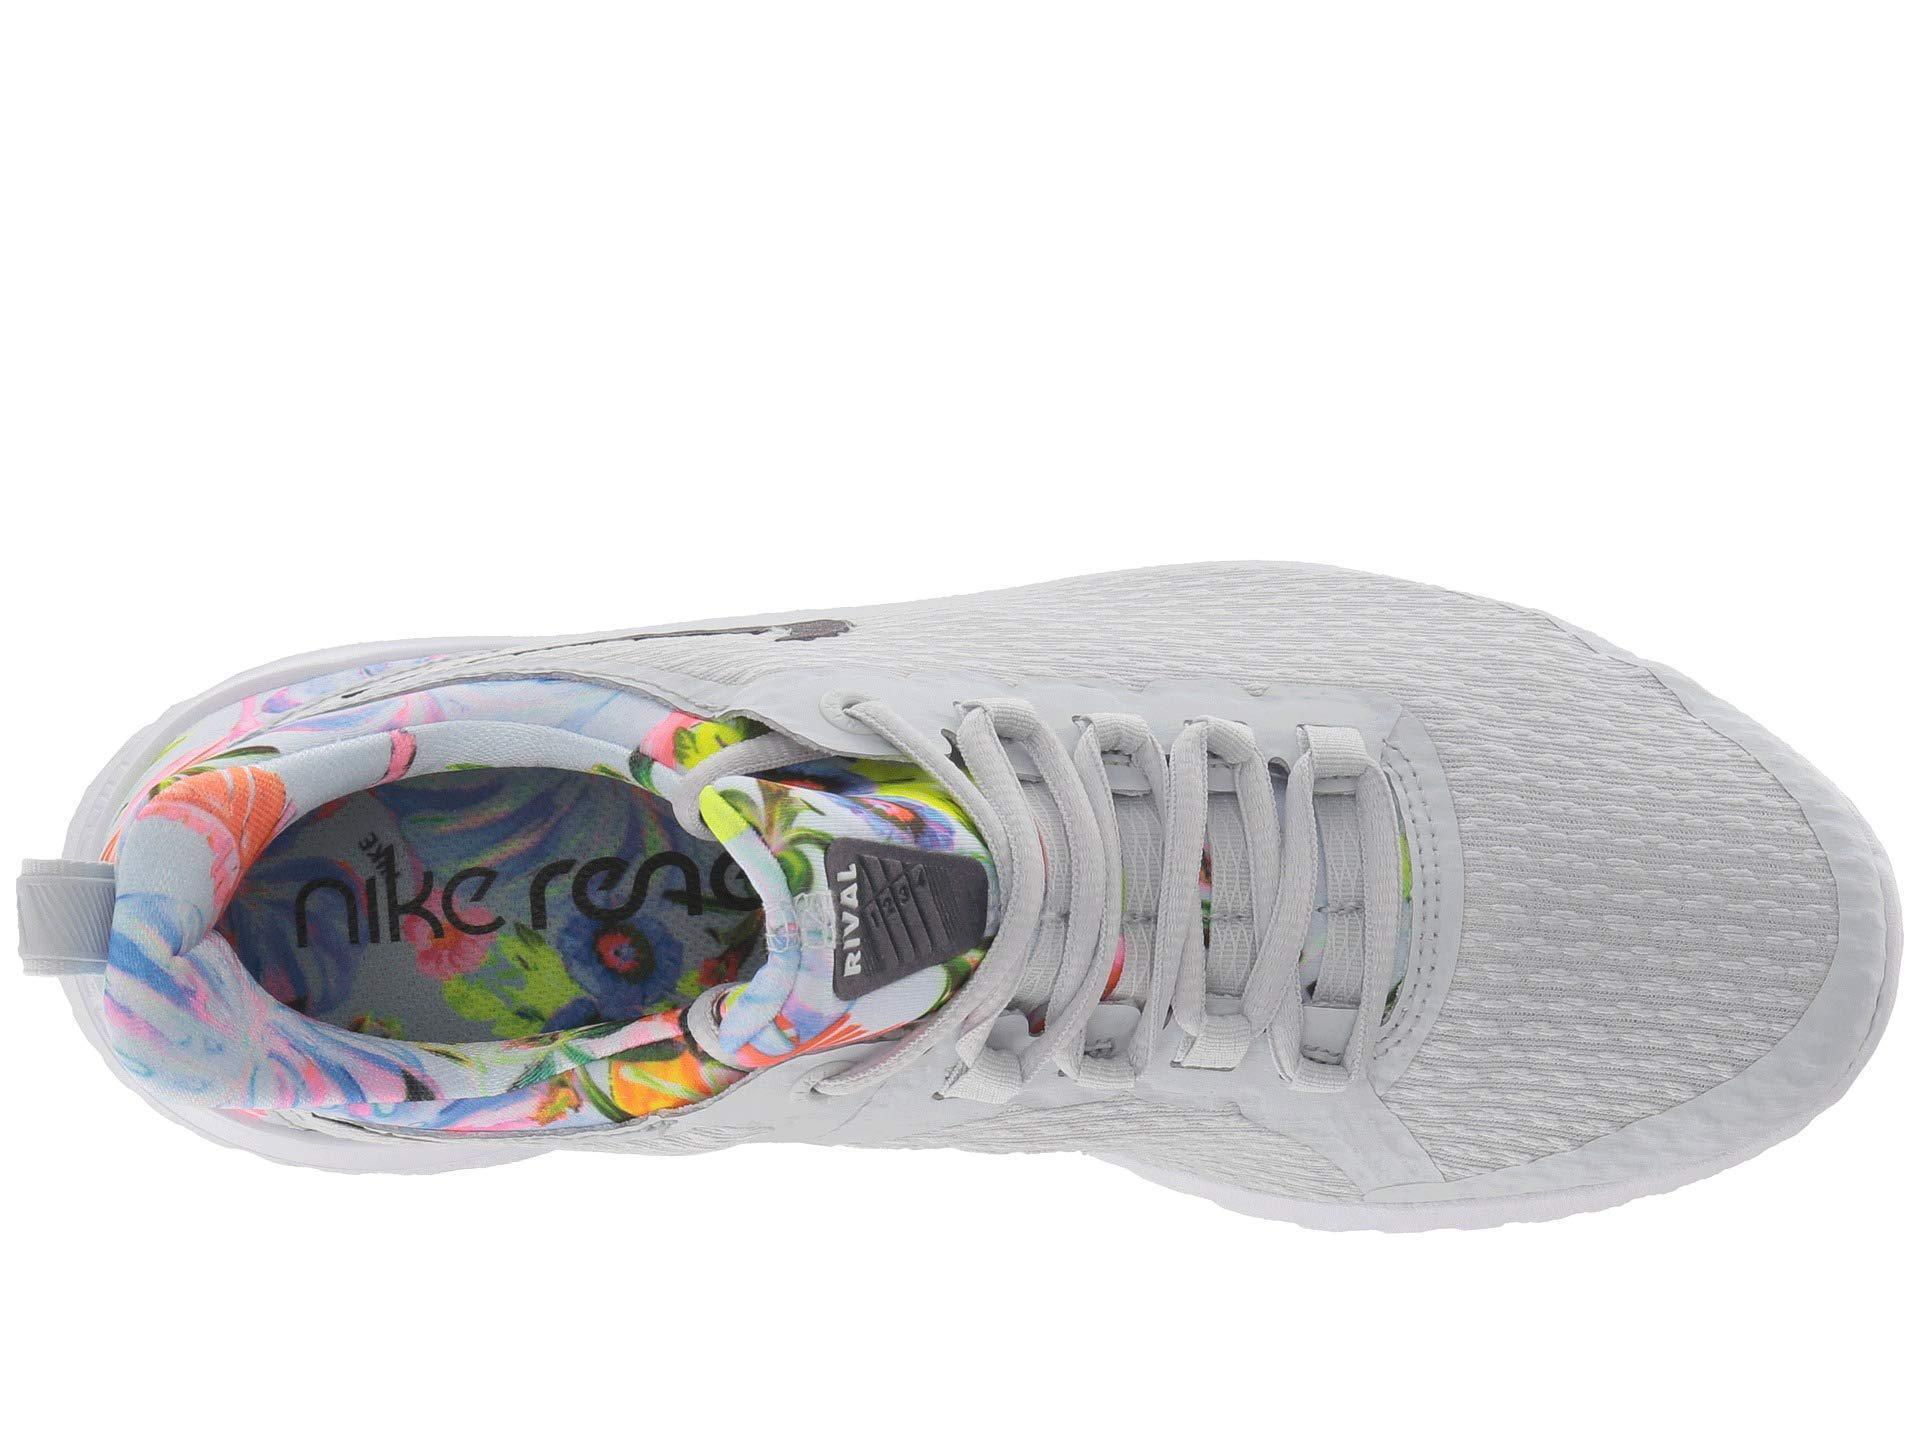 Nike Rubber Renew Rival Premium (pure